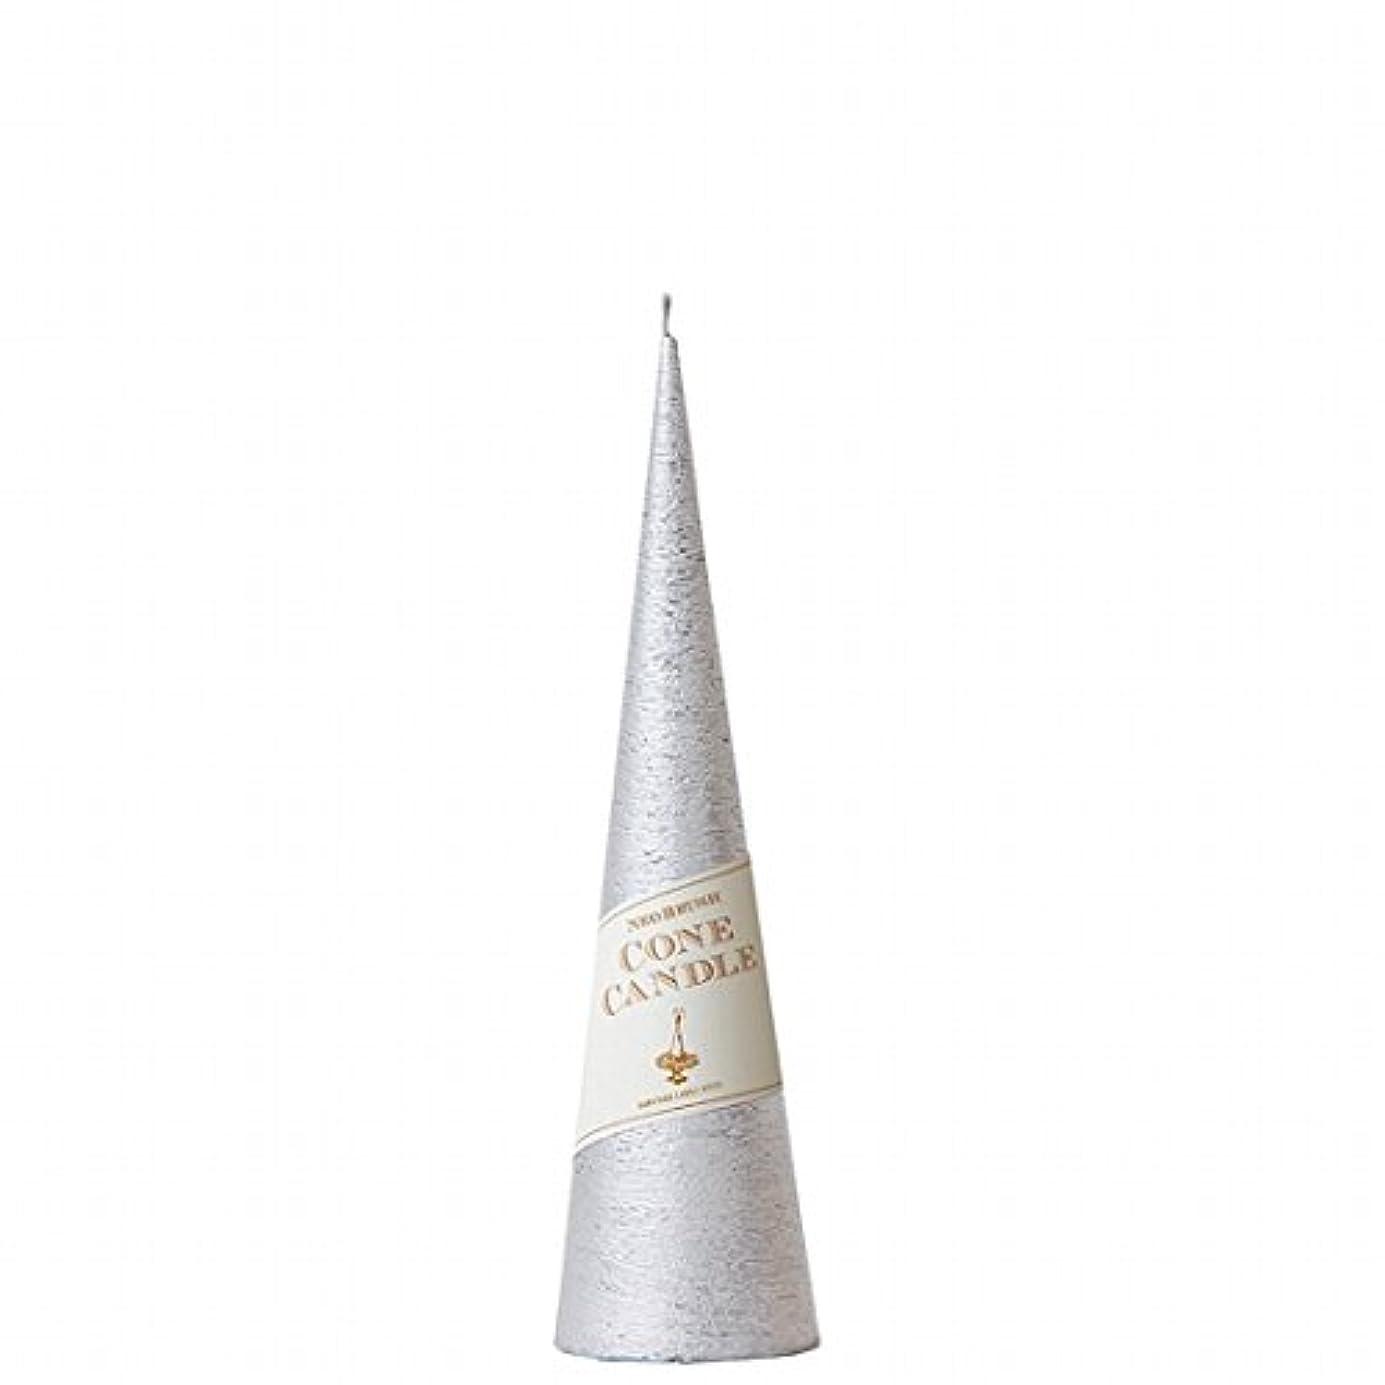 補う汗セーターカメヤマキャンドル( kameyama candle ) ネオブラッシュコーン 230 キャンドル 「 シルバー 」